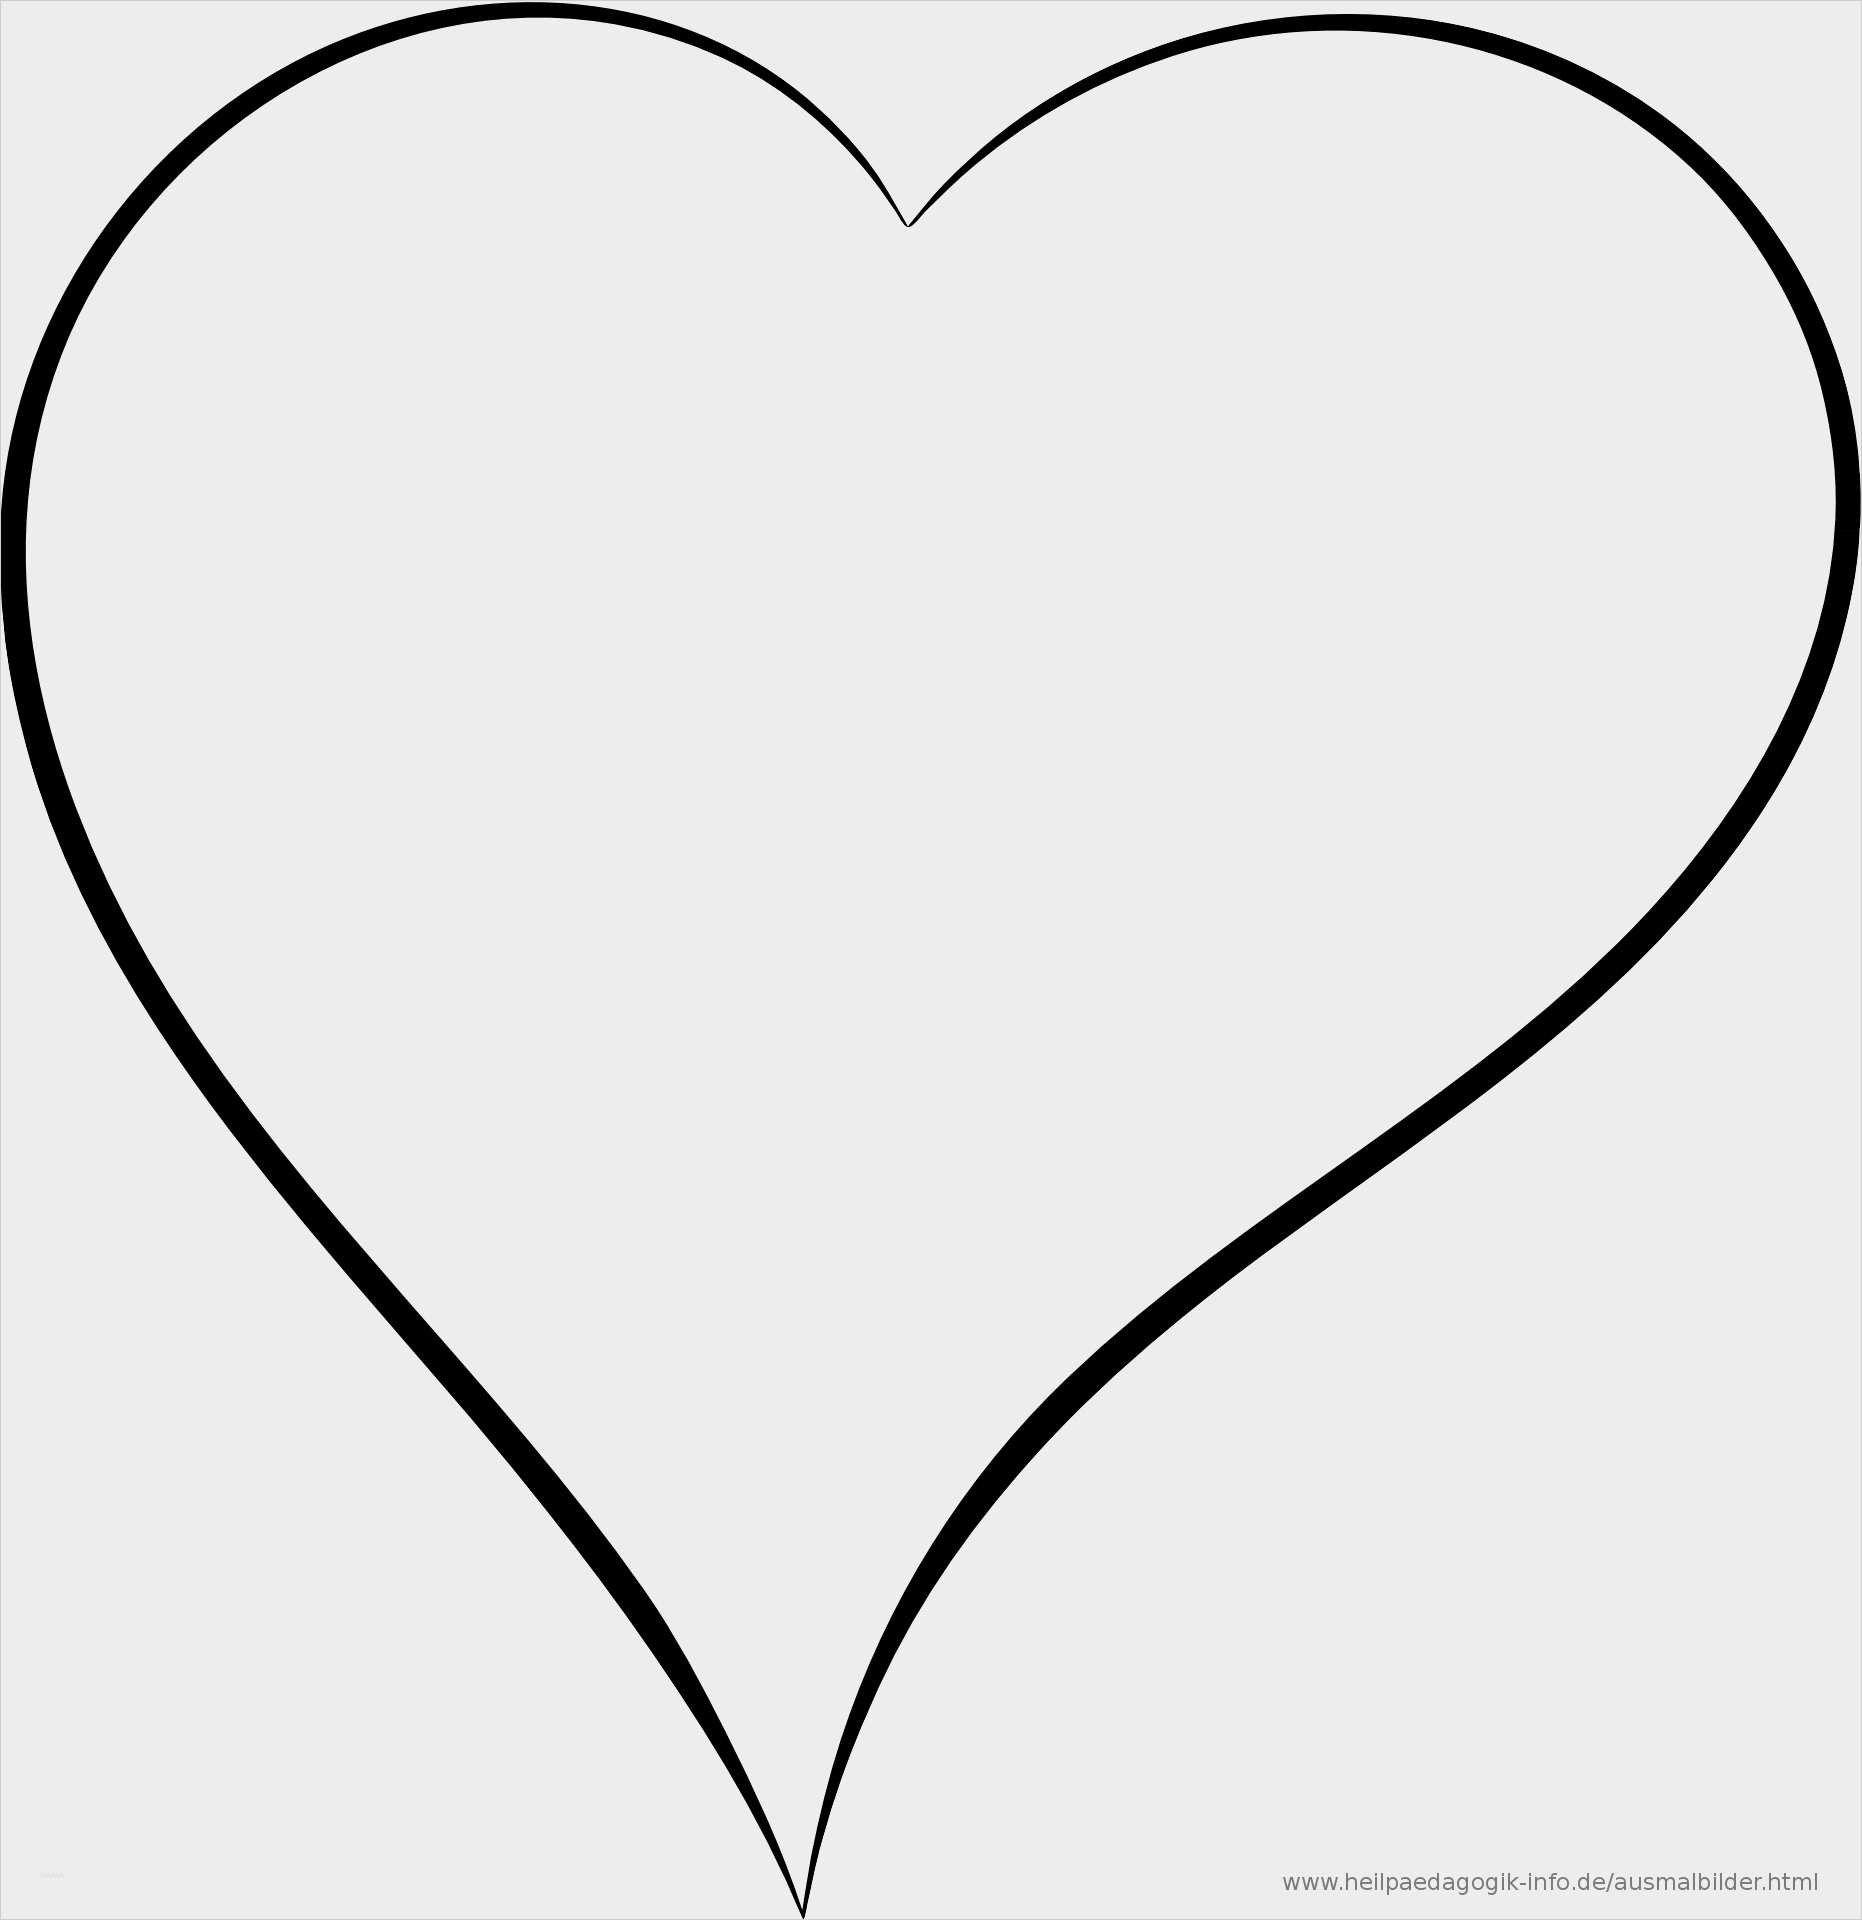 Unique Herz Vorlage Zum Ausdrucken in 2020 | Herz vorlage ...